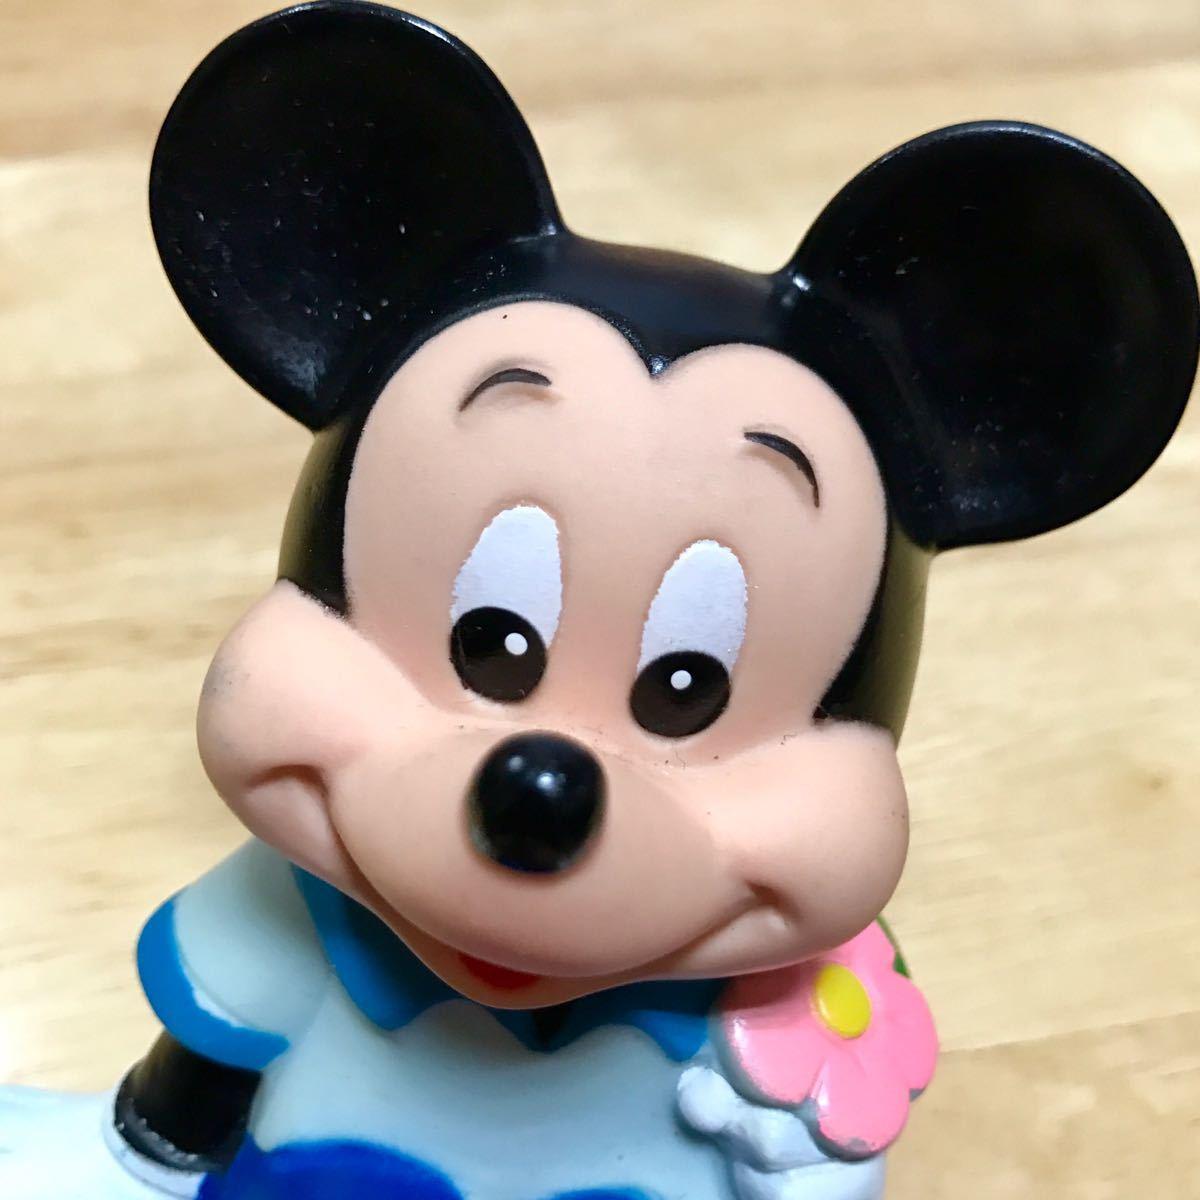 三菱銀行 ☆ Mitsubishi Bank ☆ ミッキーマウス ☆ ミニーマウス ☆ 貯金箱 ☆ 非売品 ☆ 限定品 ☆ 中古品 ☆ フィギュア ☆ ノベルティ_画像3